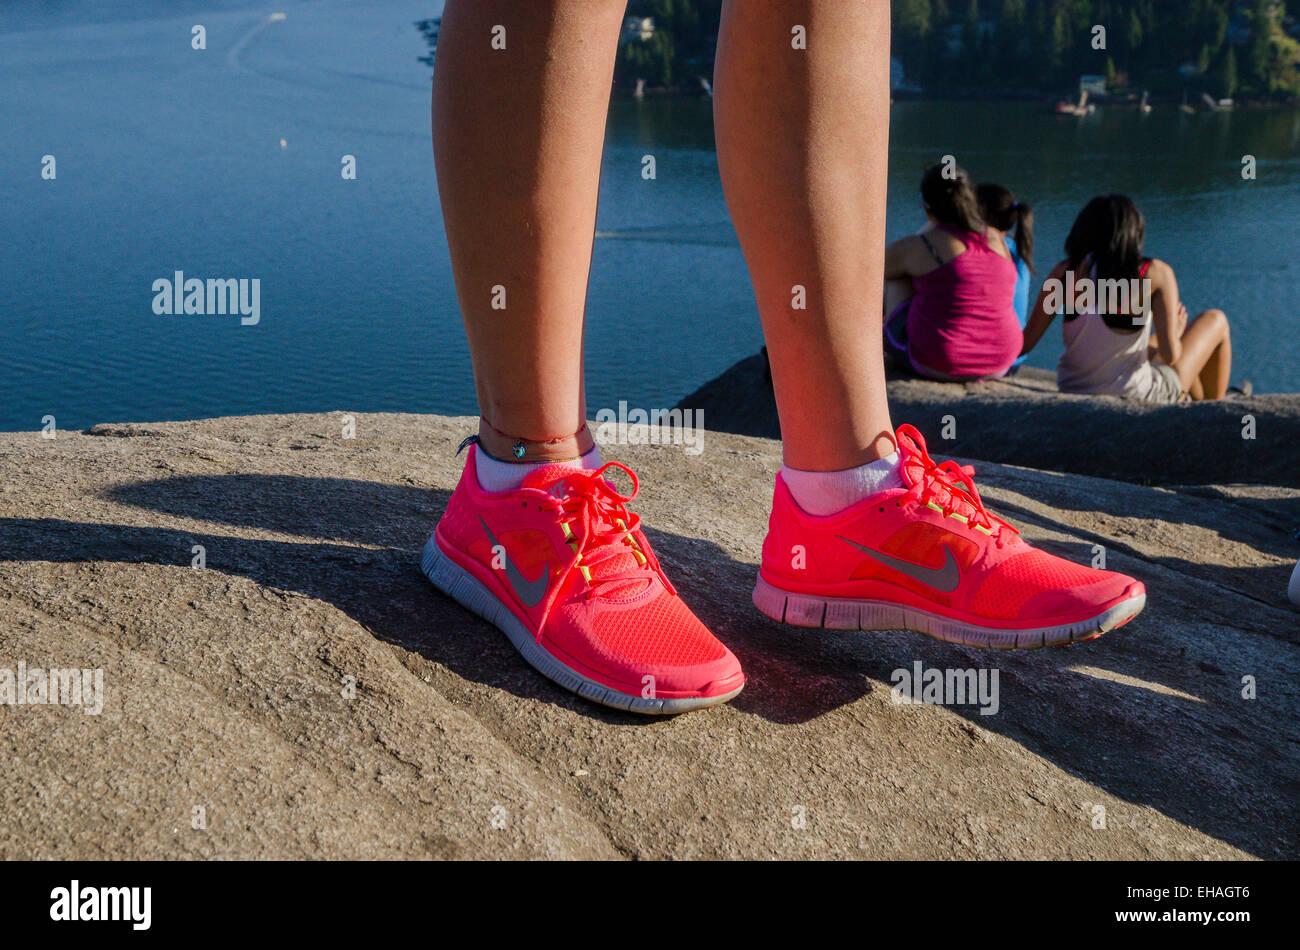 Nike Pink Shoes Imágenes De Stock & Nike Pink Shoes Fotos De